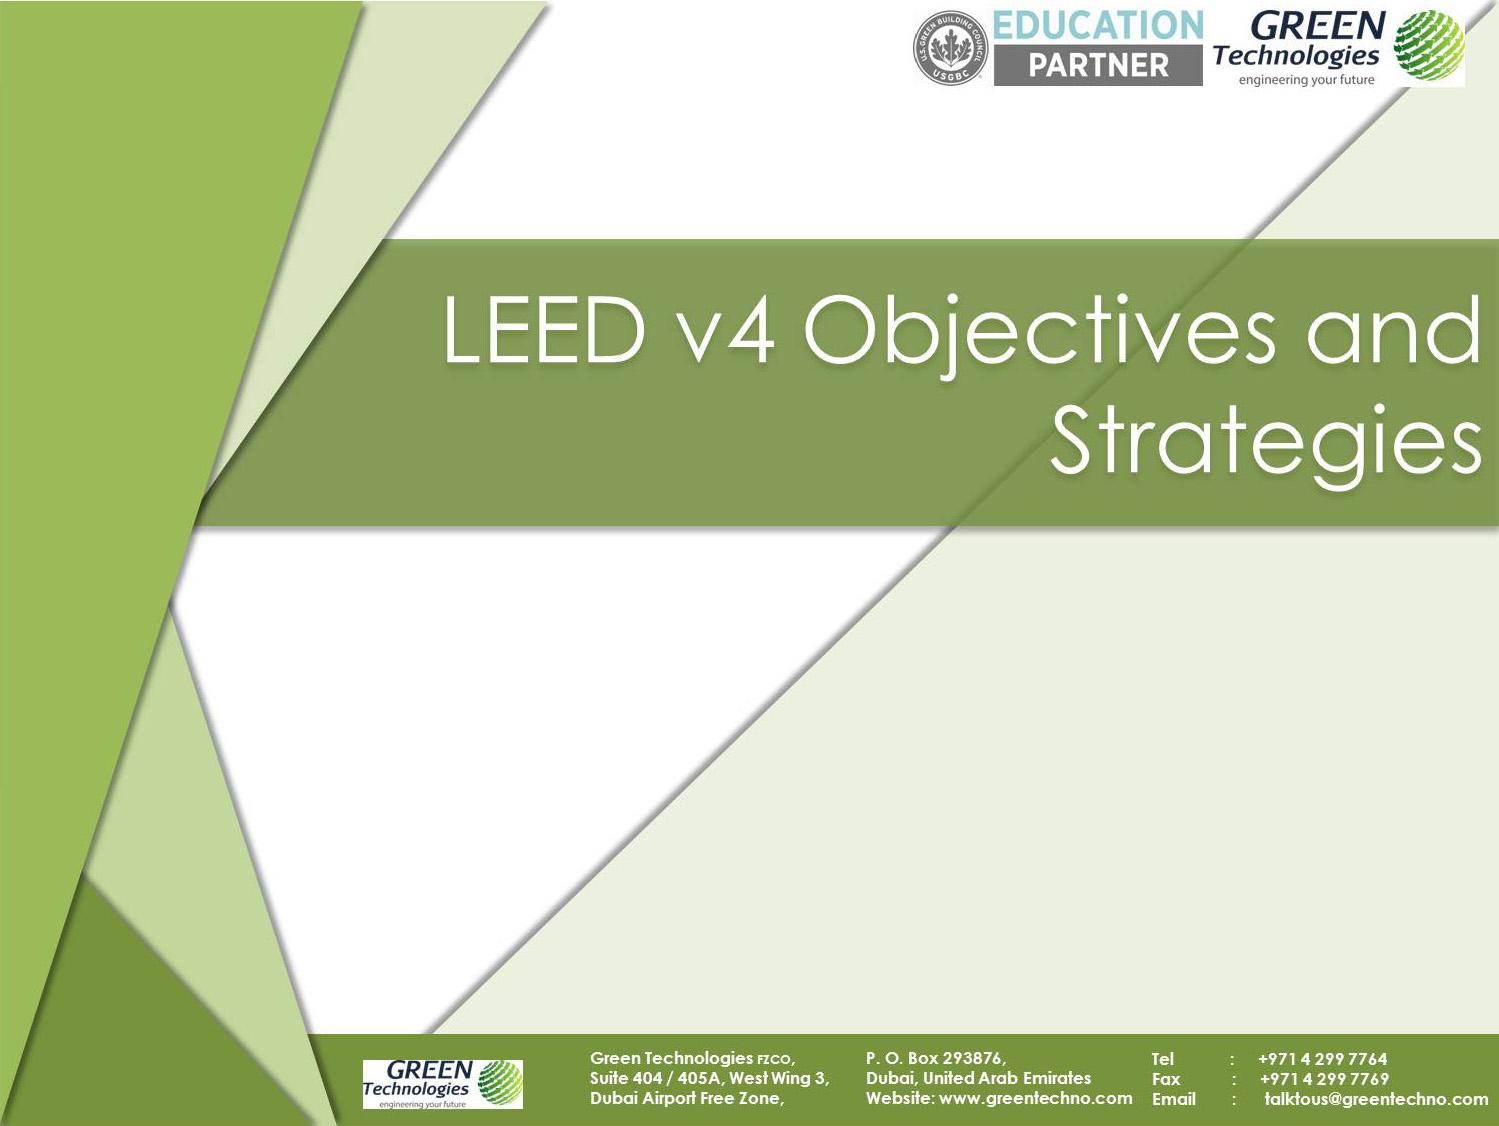 LEED v4 Objectives & Strategies